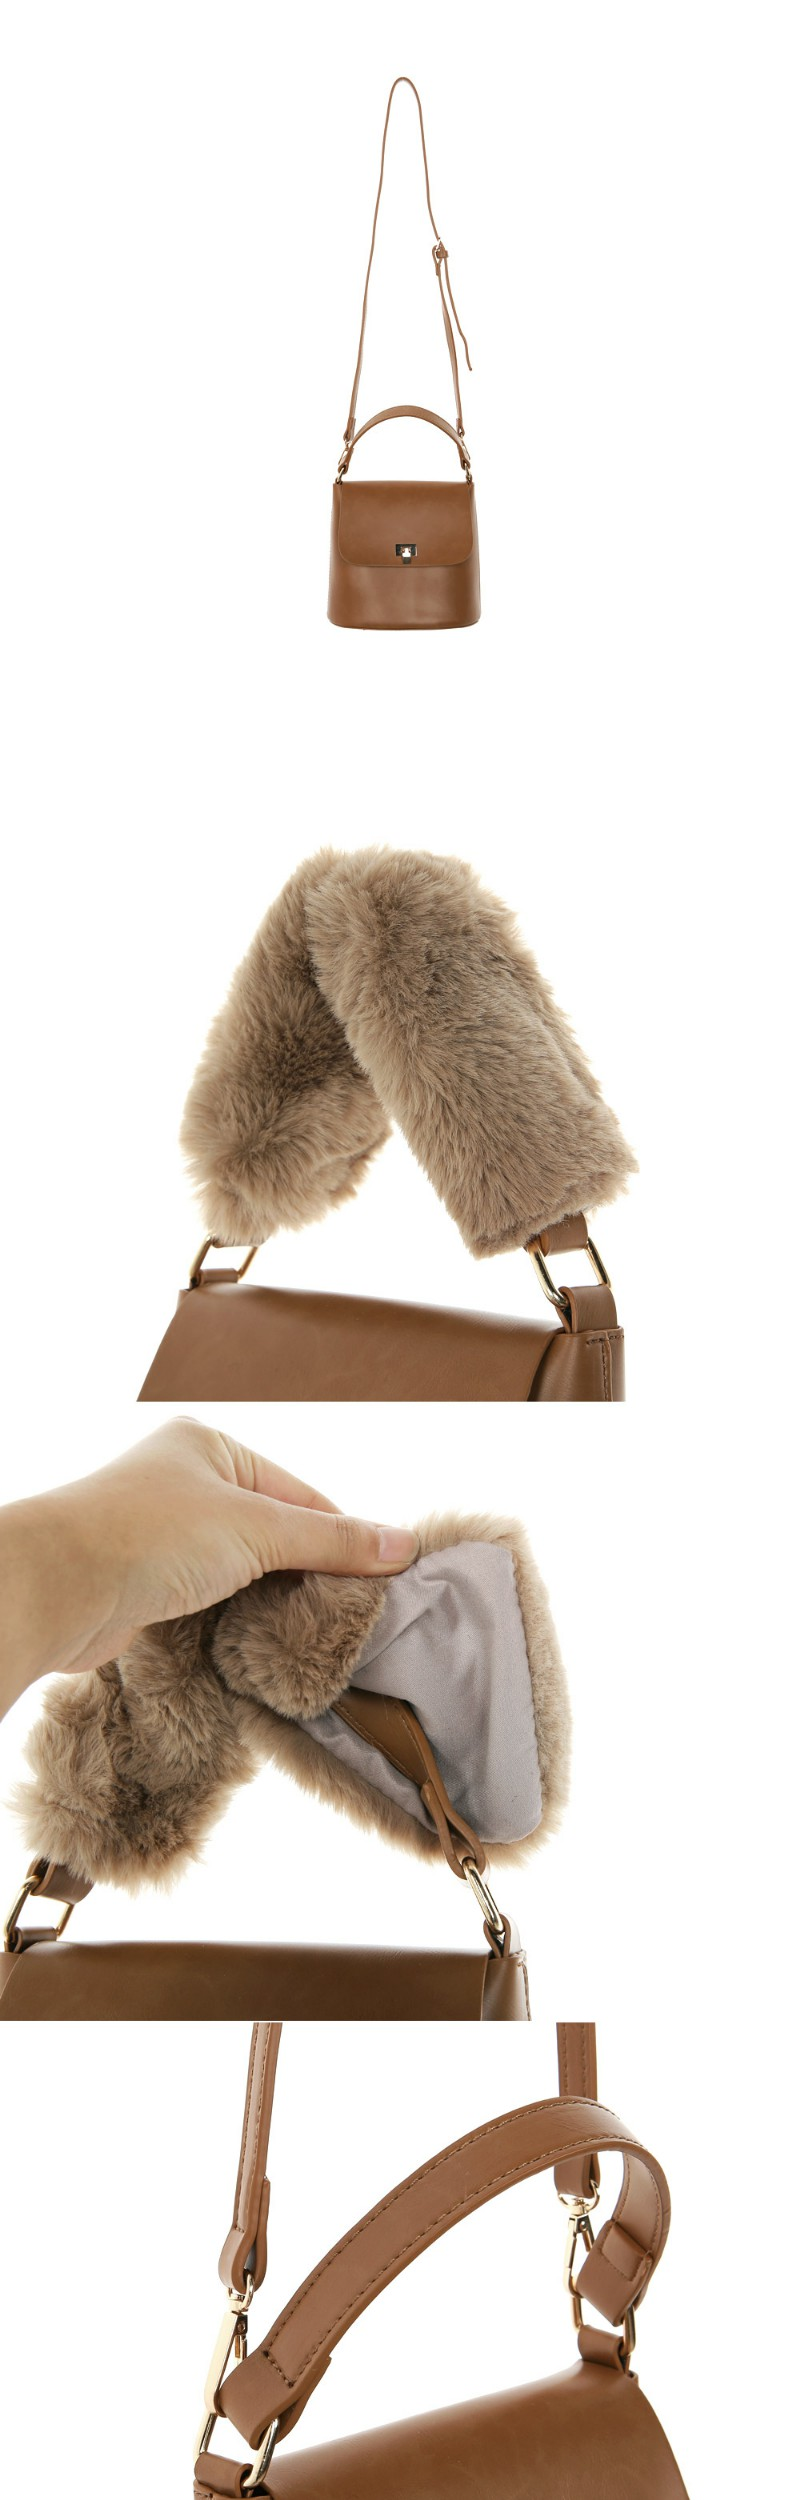 Harpy mink bag